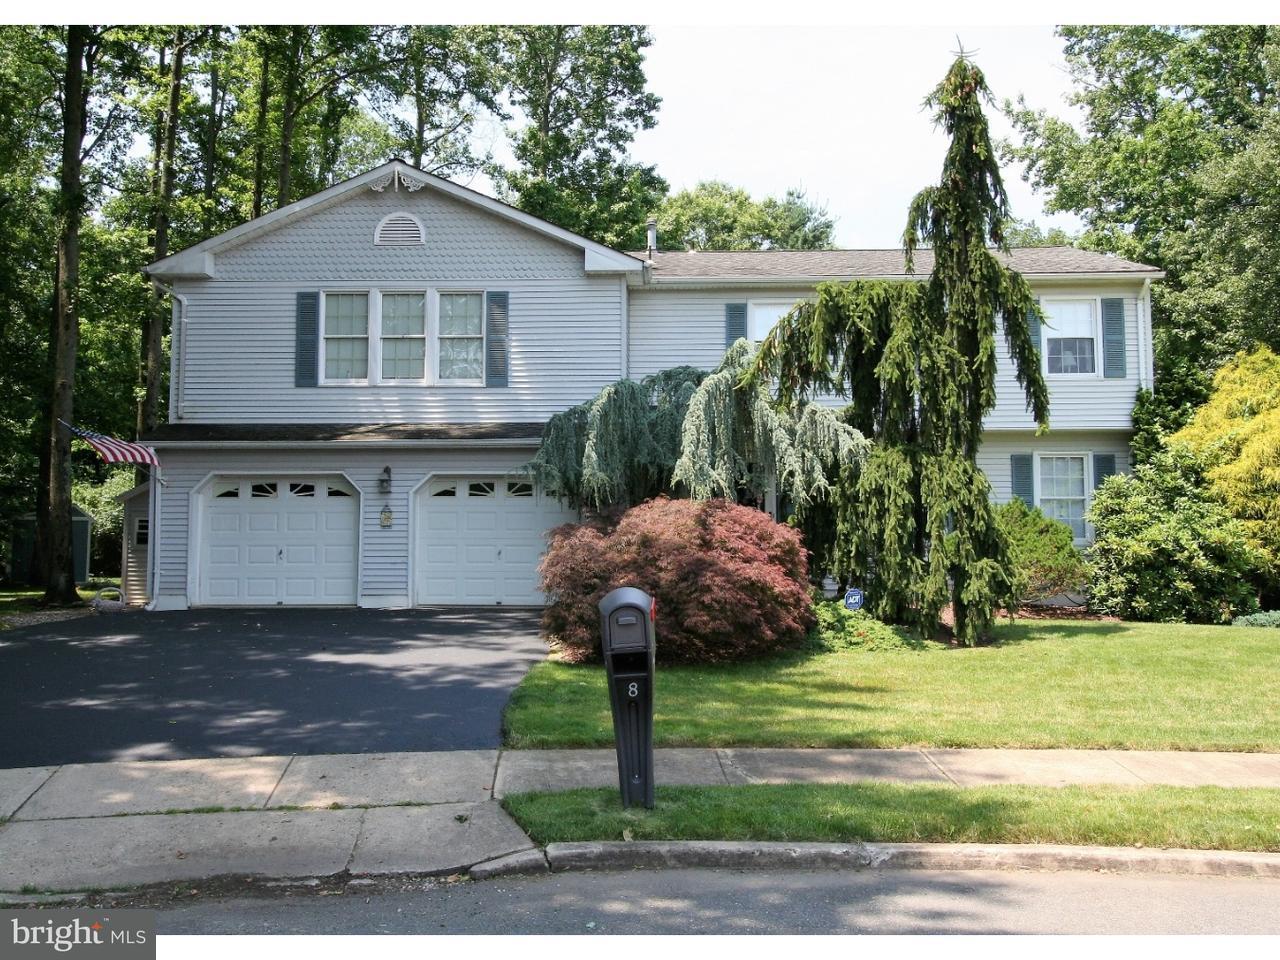 Maison unifamiliale pour l Vente à 8 TIBY Place Monmouth Junction, New Jersey 08852 États-UnisDans/Autour: South Brunswick Township